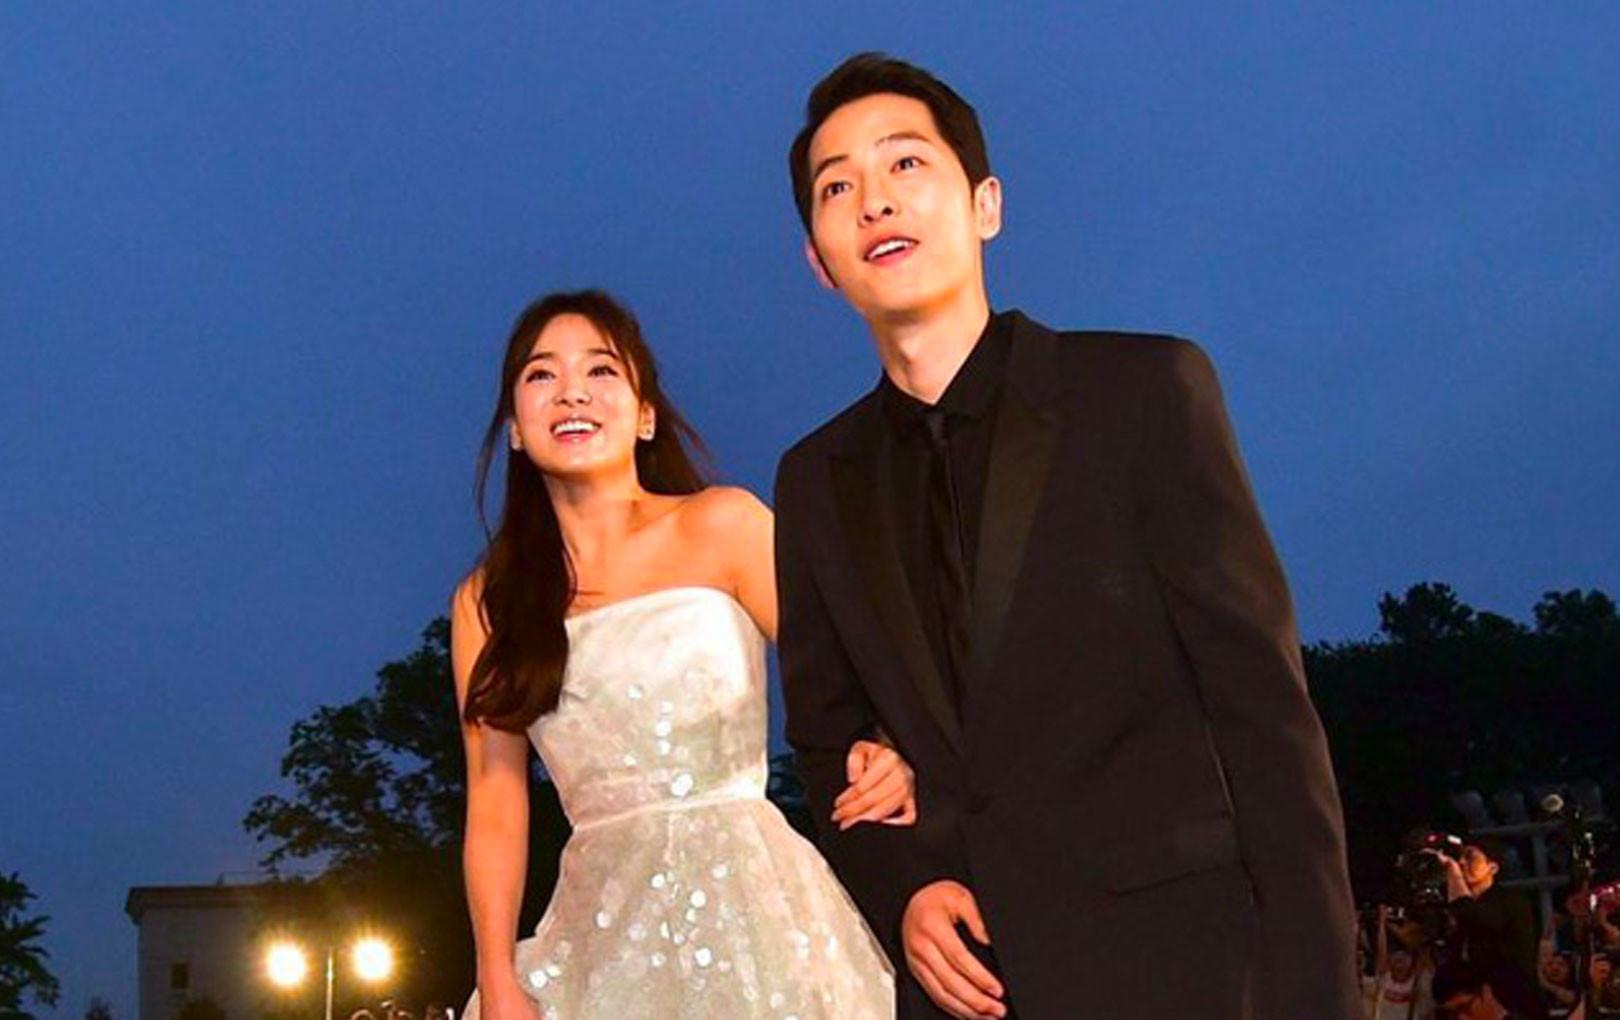 Sau thời gian ly hôn, Song Hye Kyo vượt mặt Song Joong Ki nhận được sự yêu thích của người dân Hàn